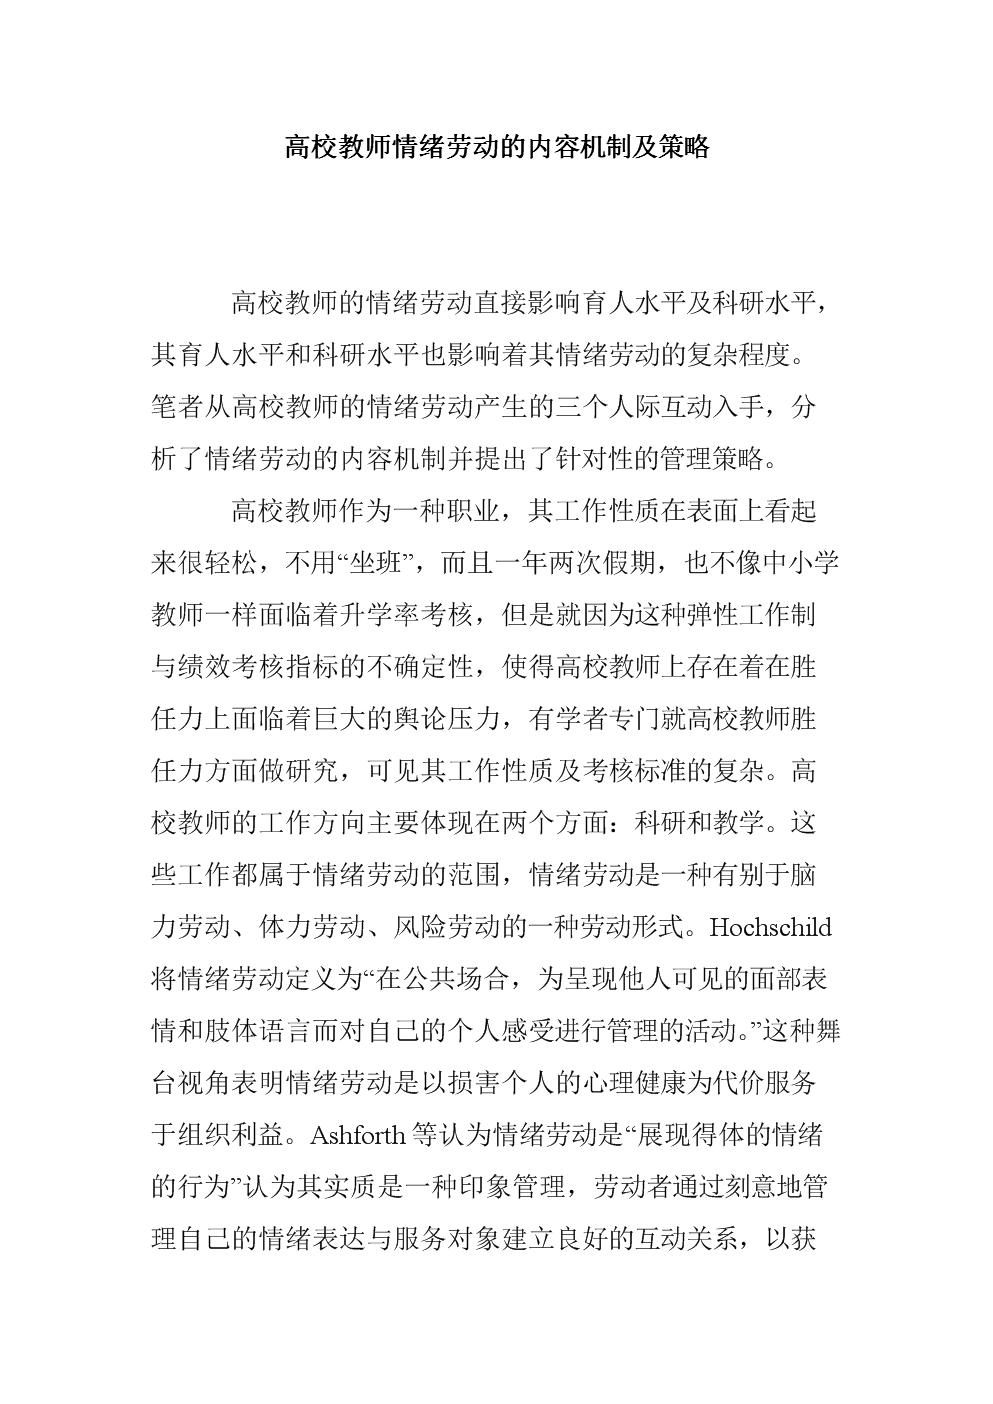 高校教师情绪劳动的内容机制及策略.doc